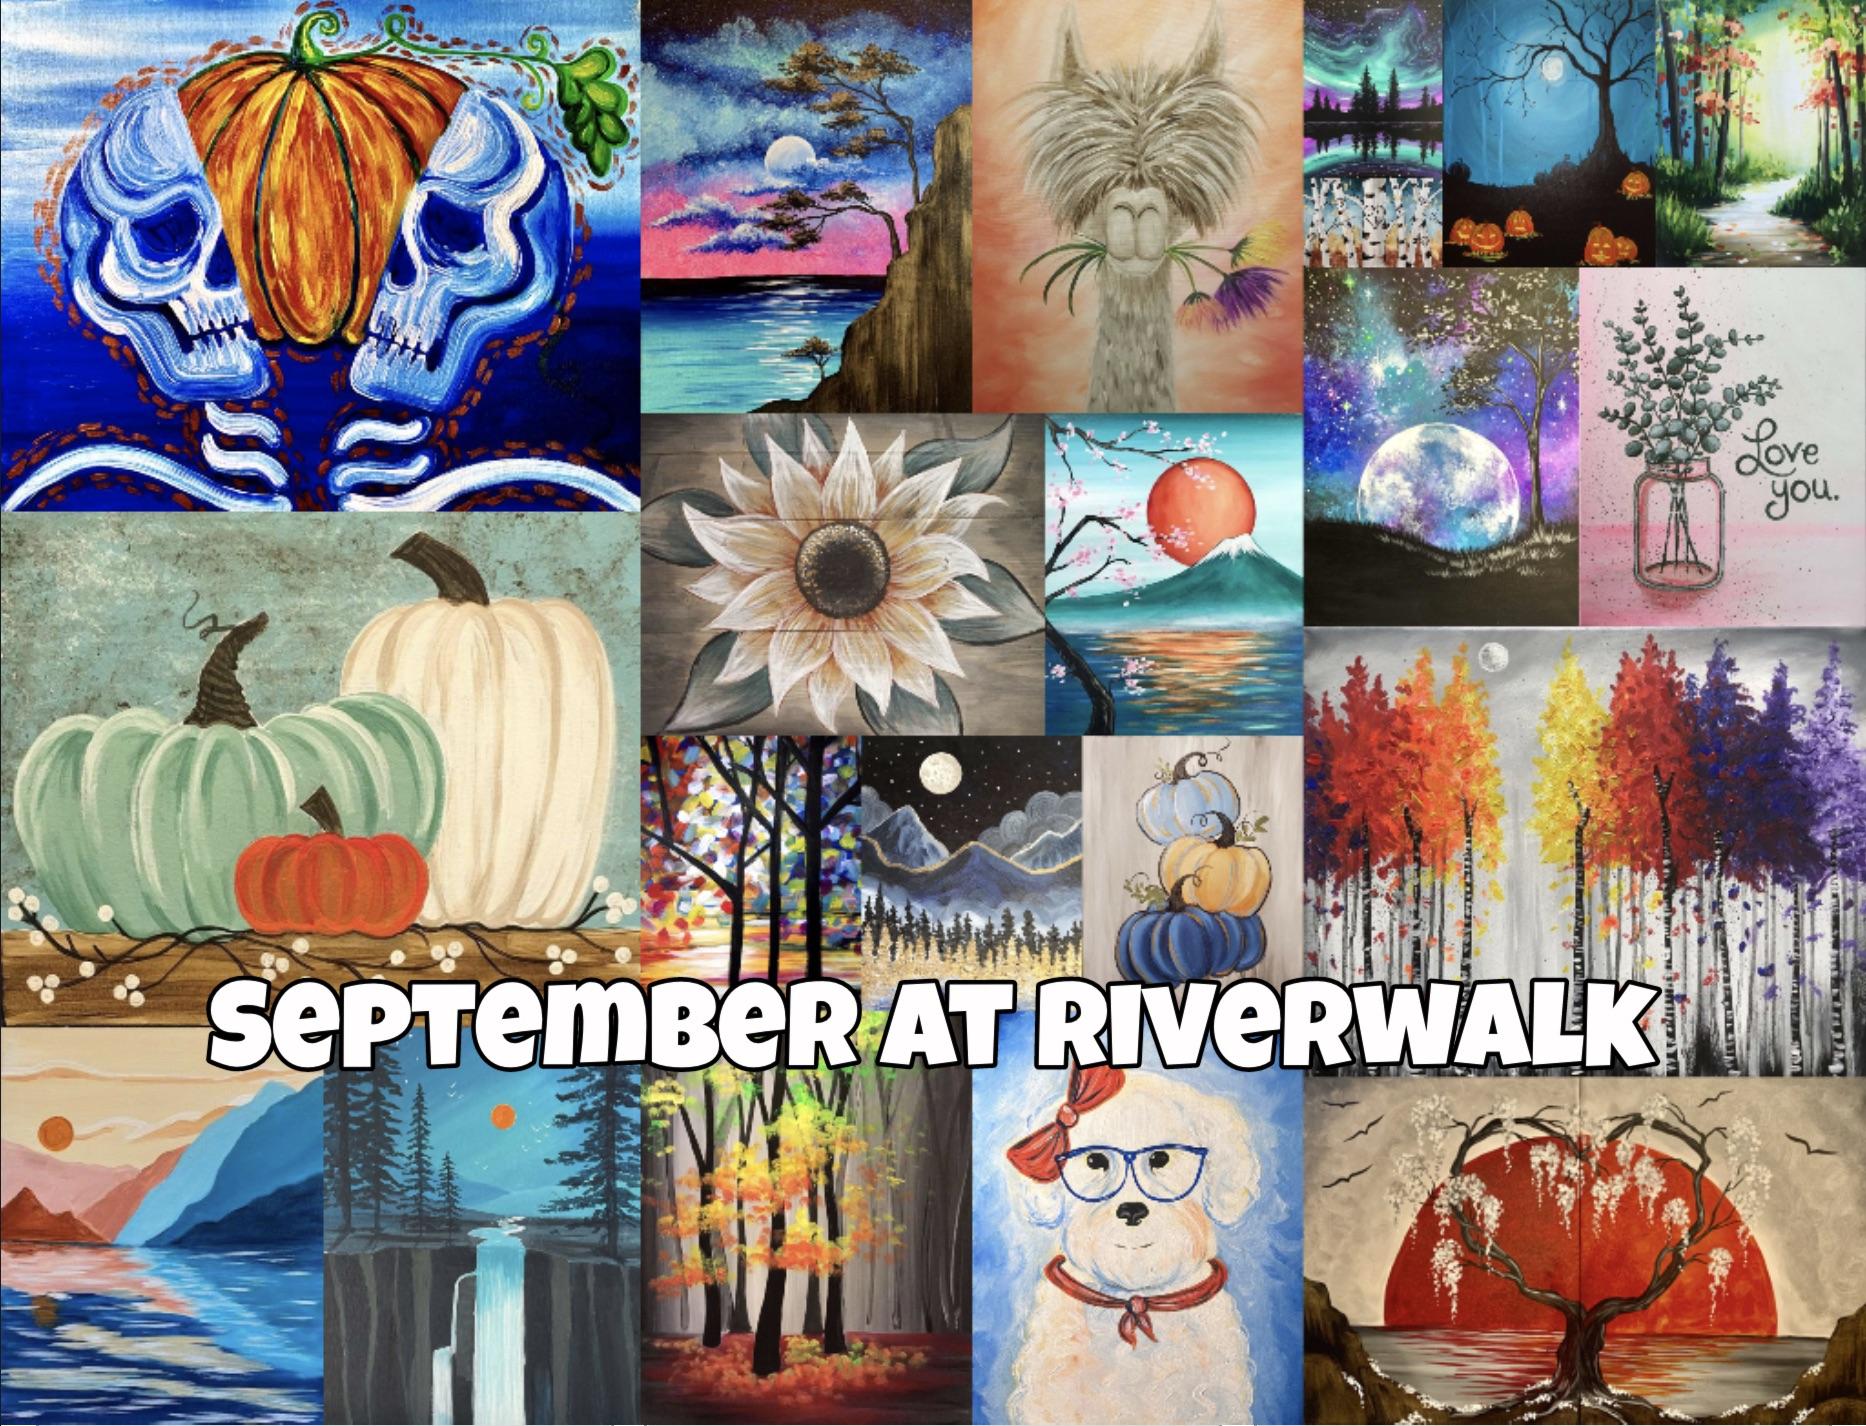 Riverwalk's September Calendar